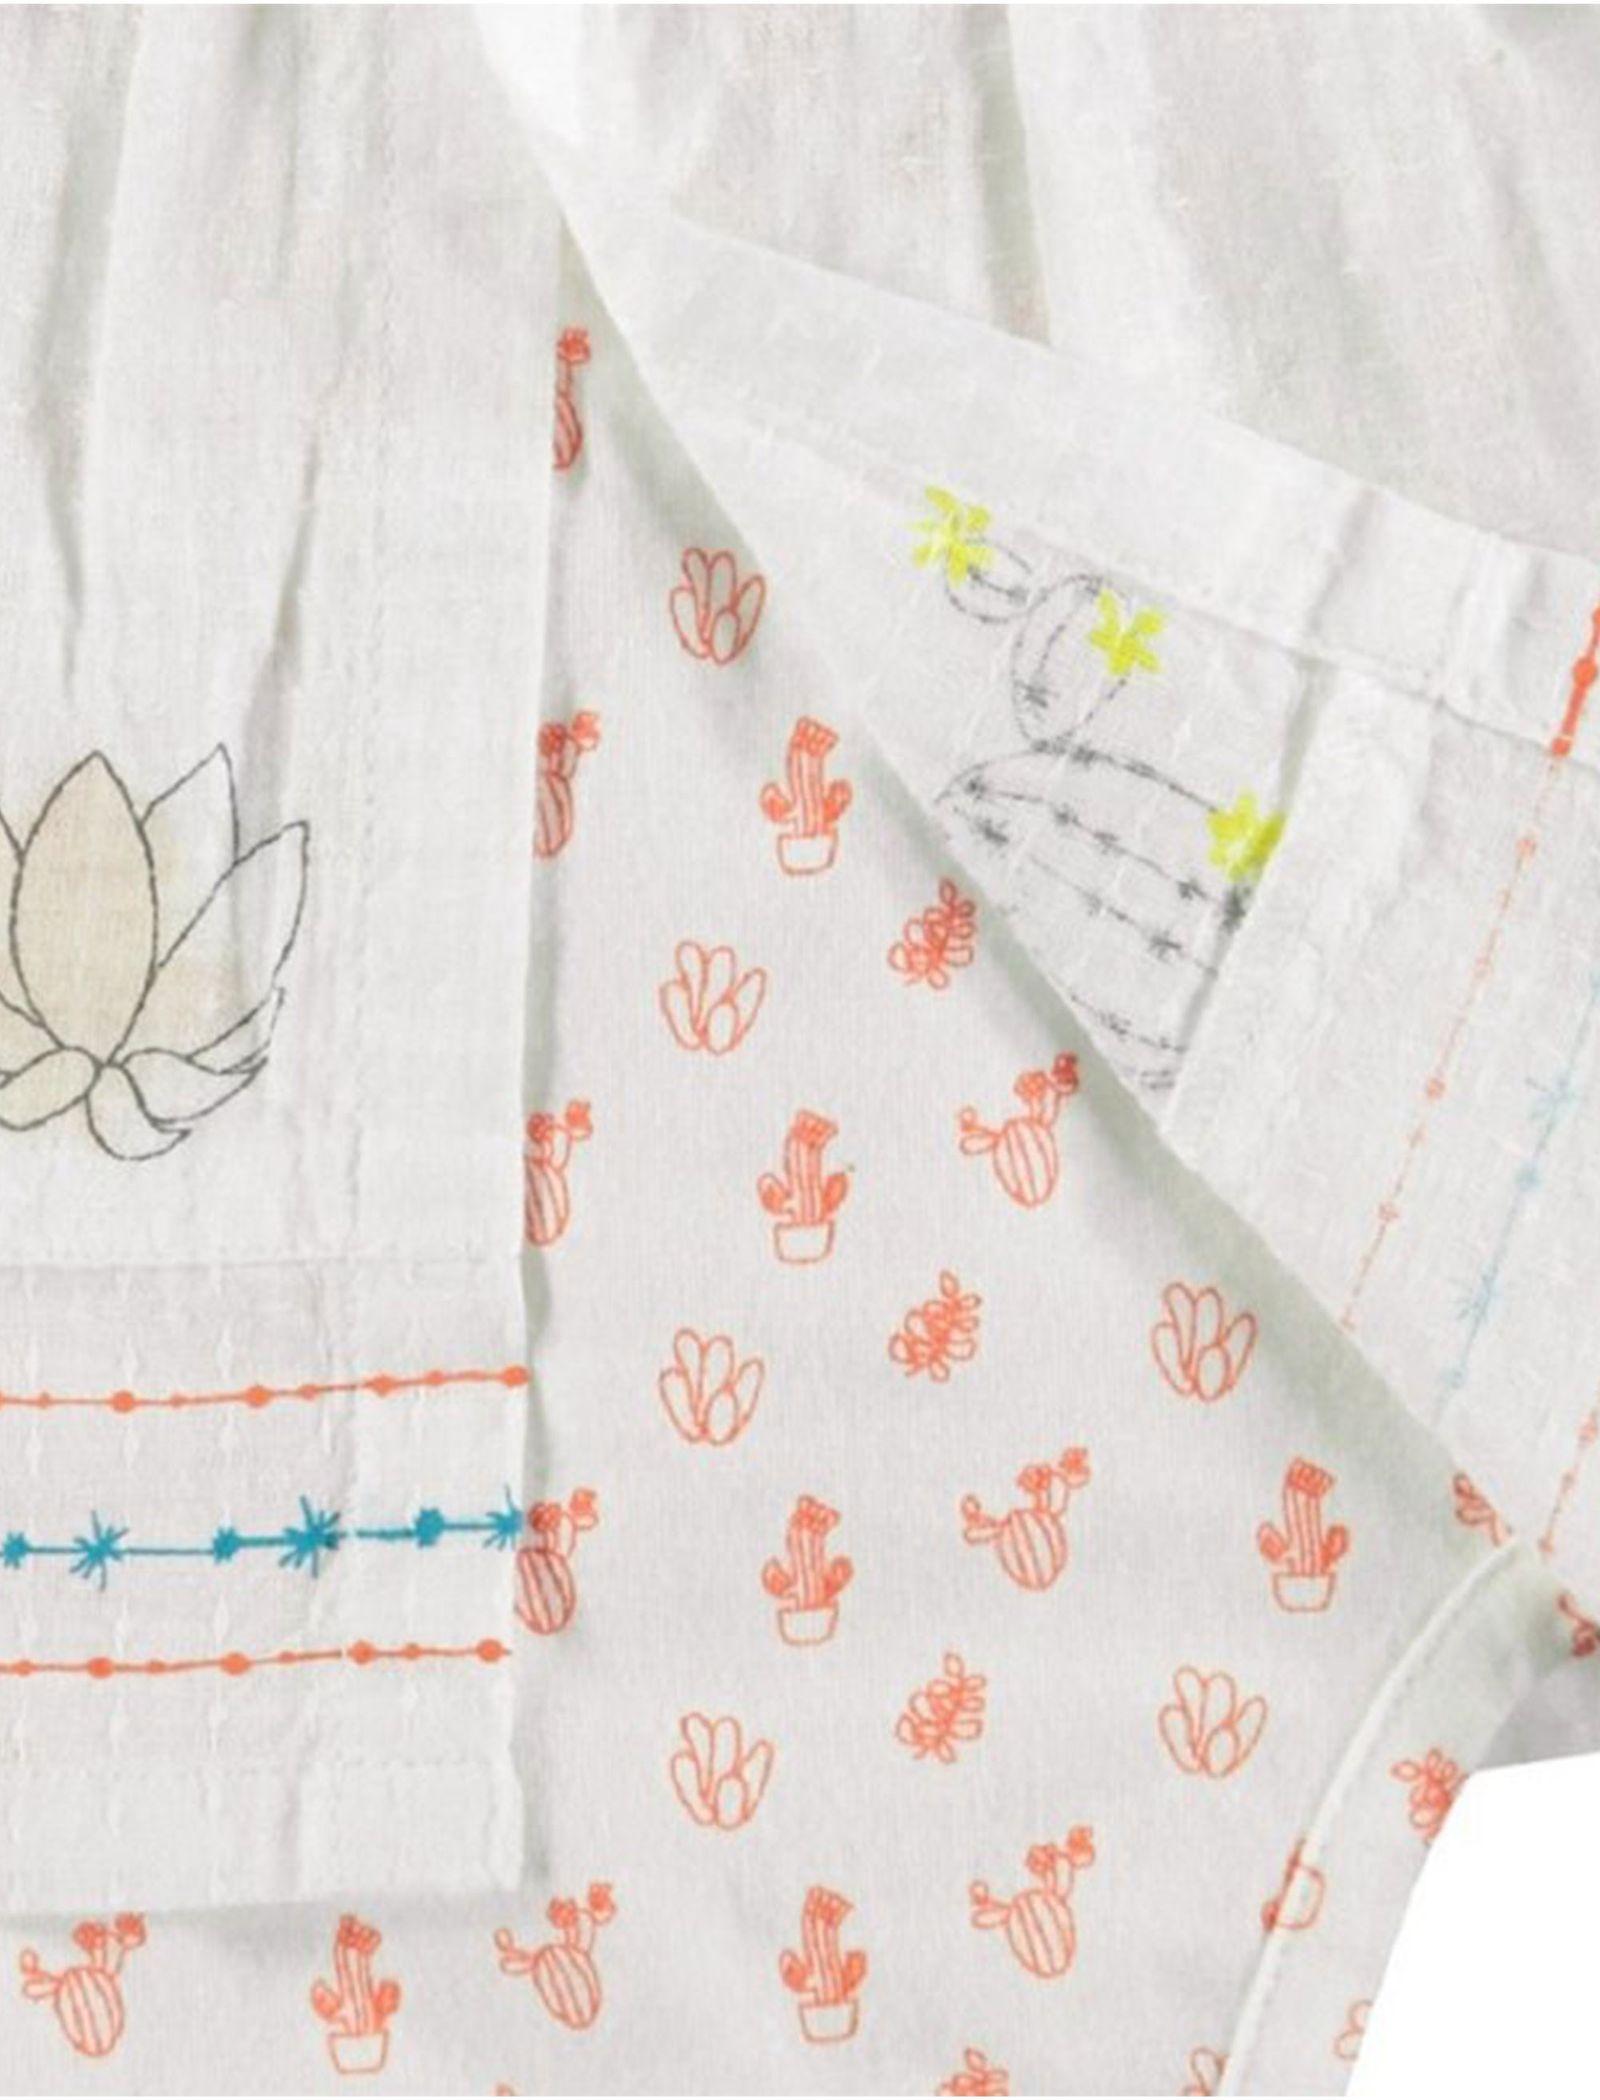 پیراهن و شورت نوزادی دخترانه - ارکسترا - سفيد - 3